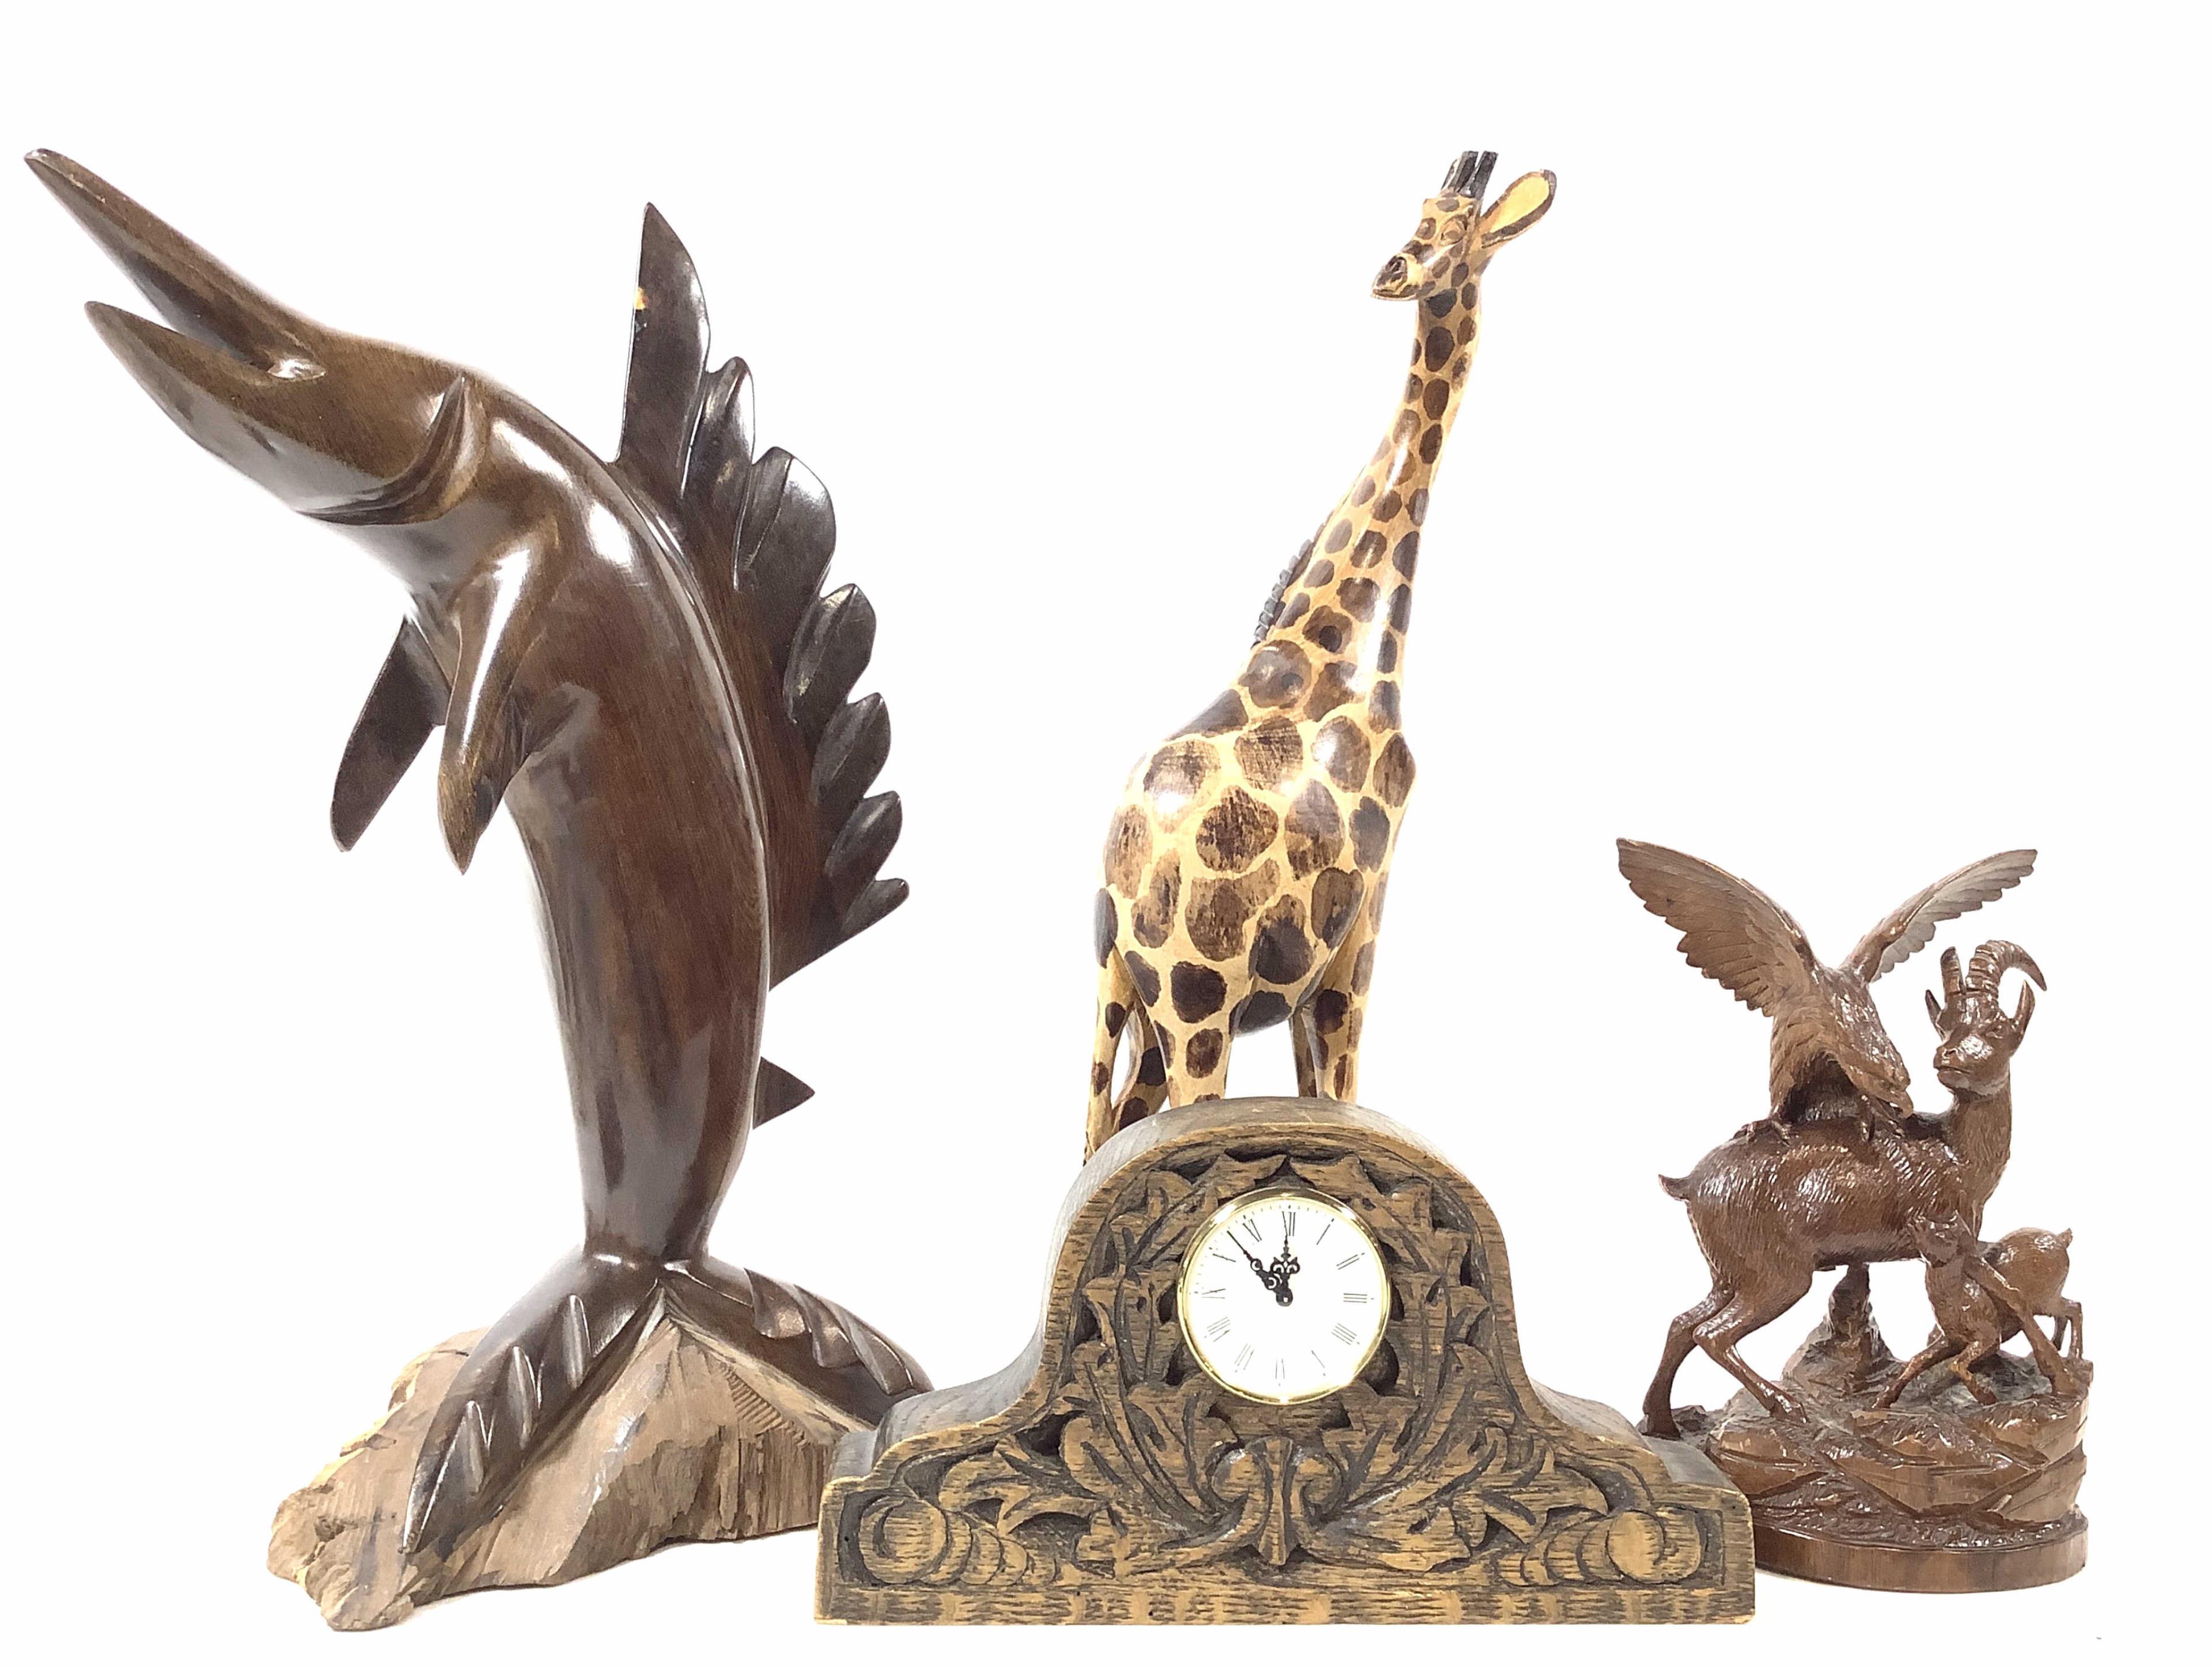 Wooden Carved Animal Sculptures, Mantle Clock